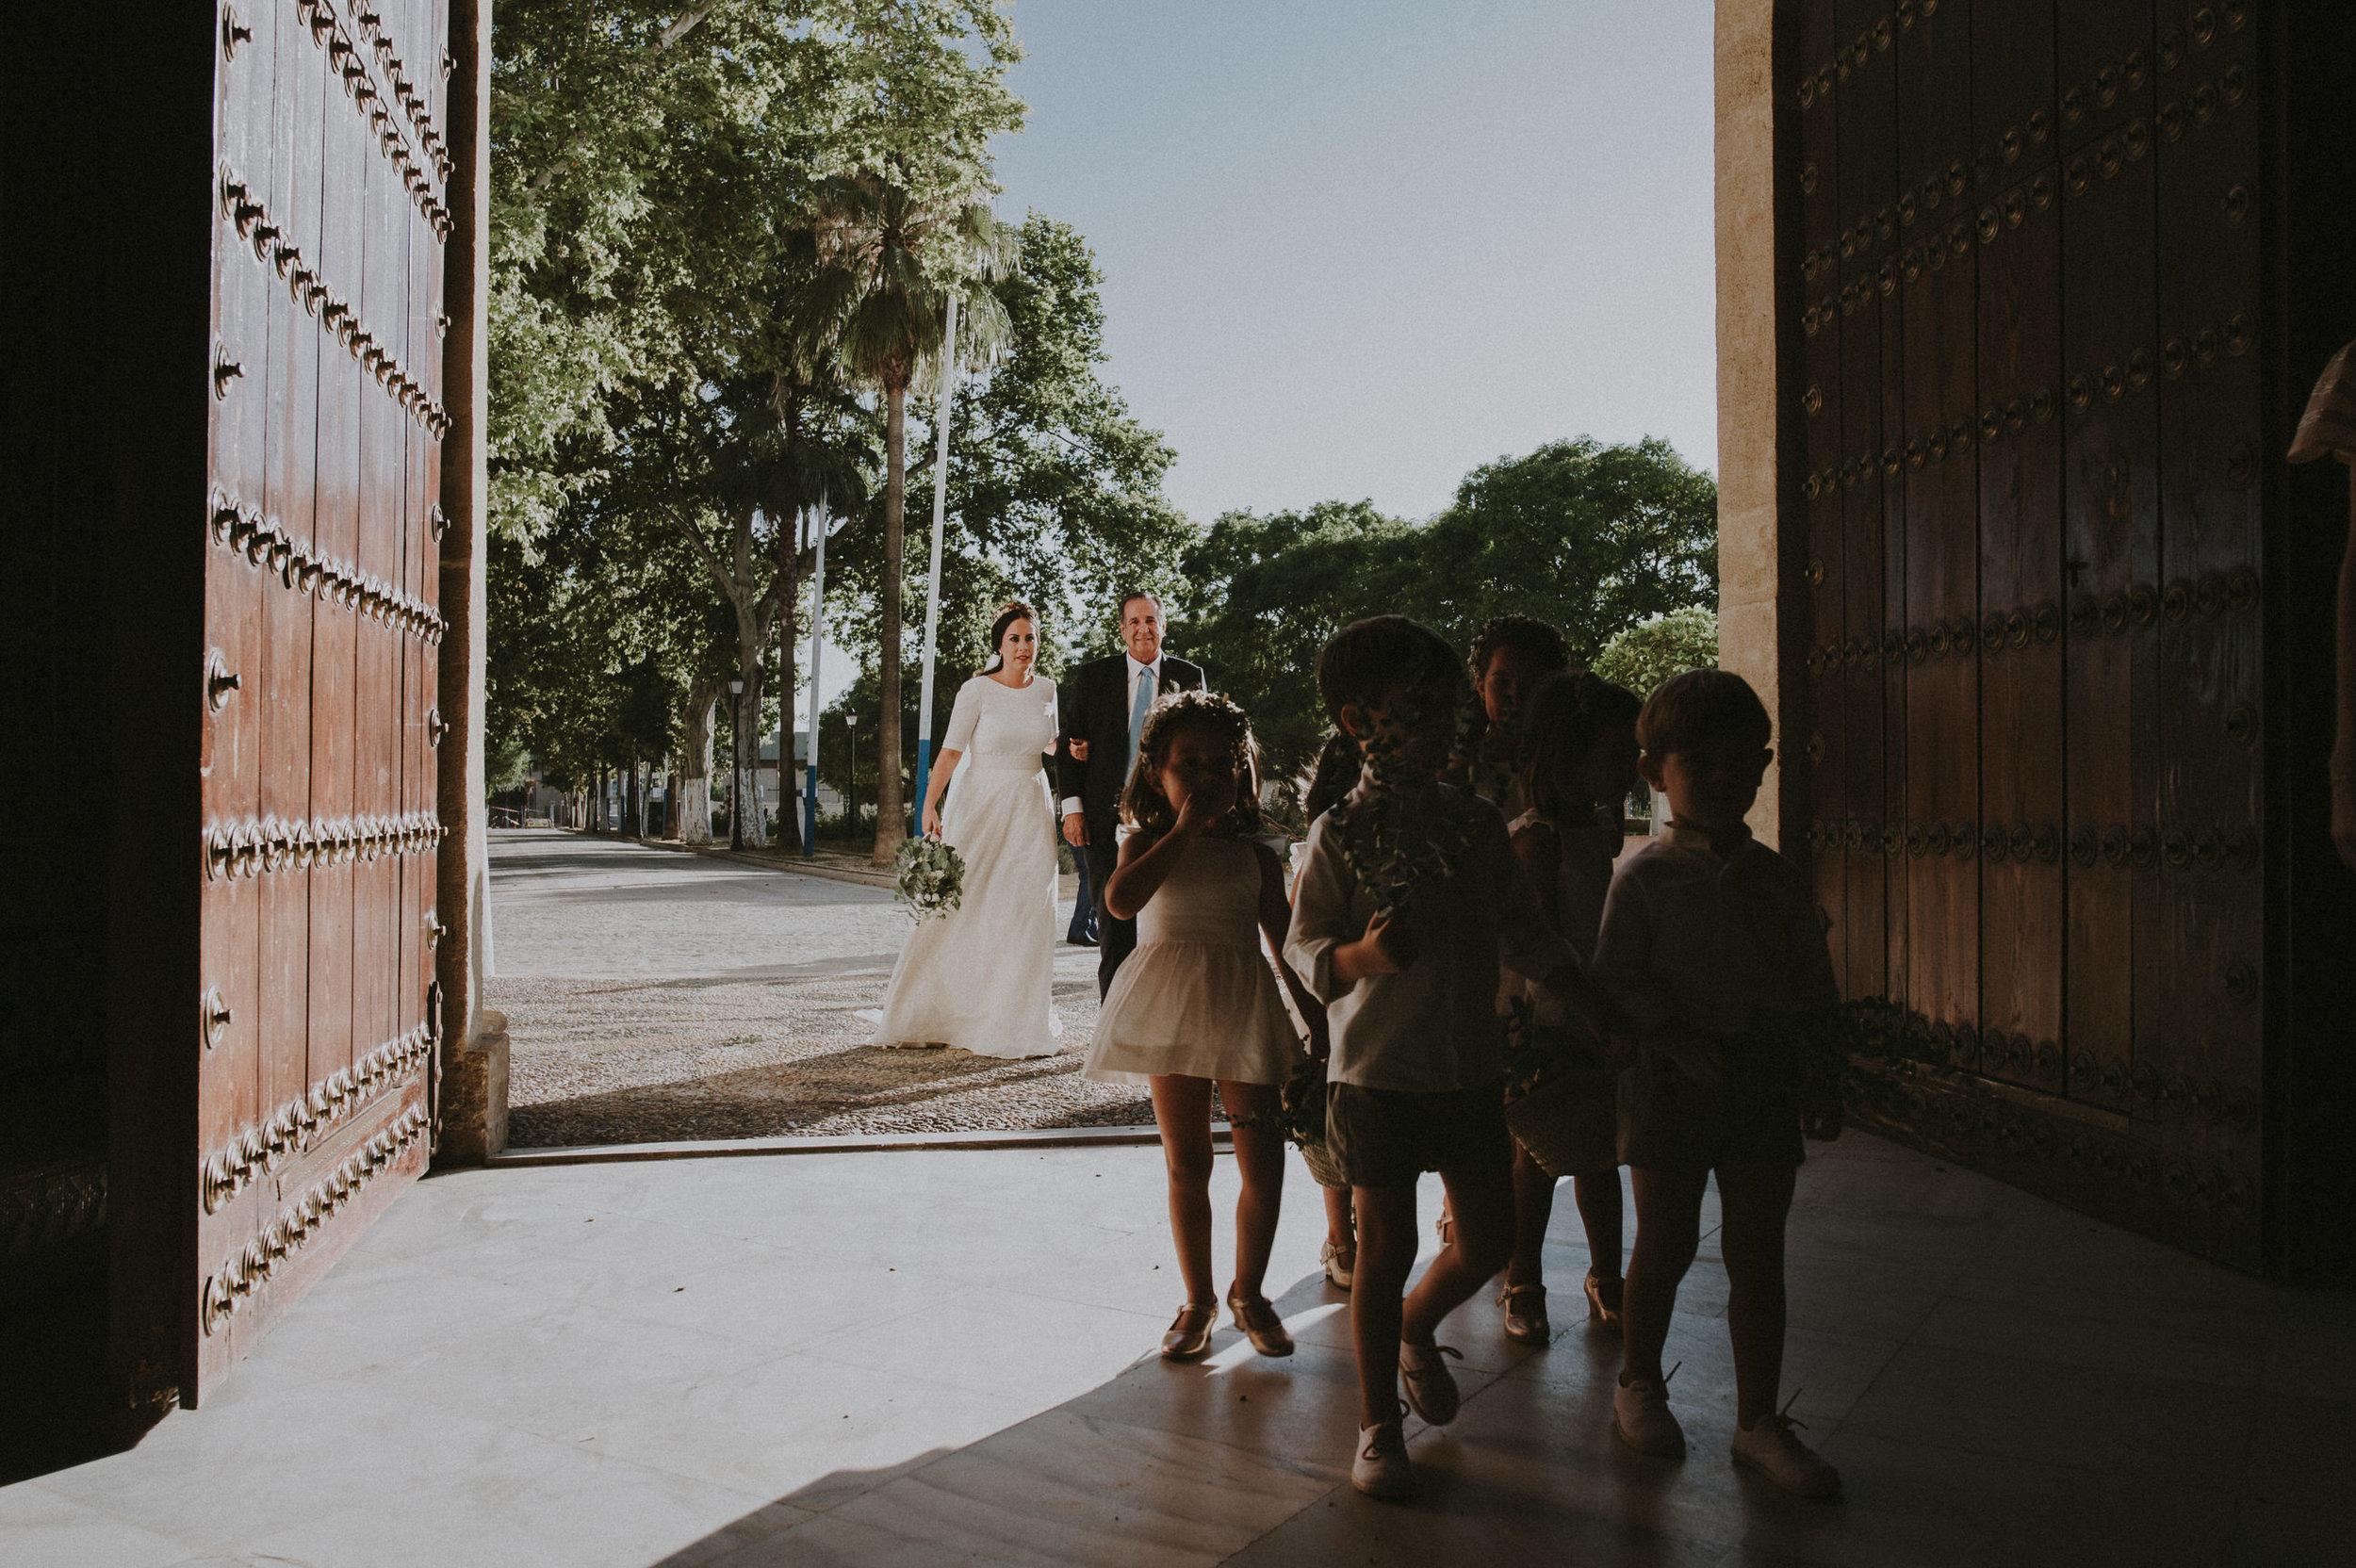 Rocío & Antonio - Boda en Consolación y Rovira Utrera - fotógrafo Andrés Amarillo  (15).JPG